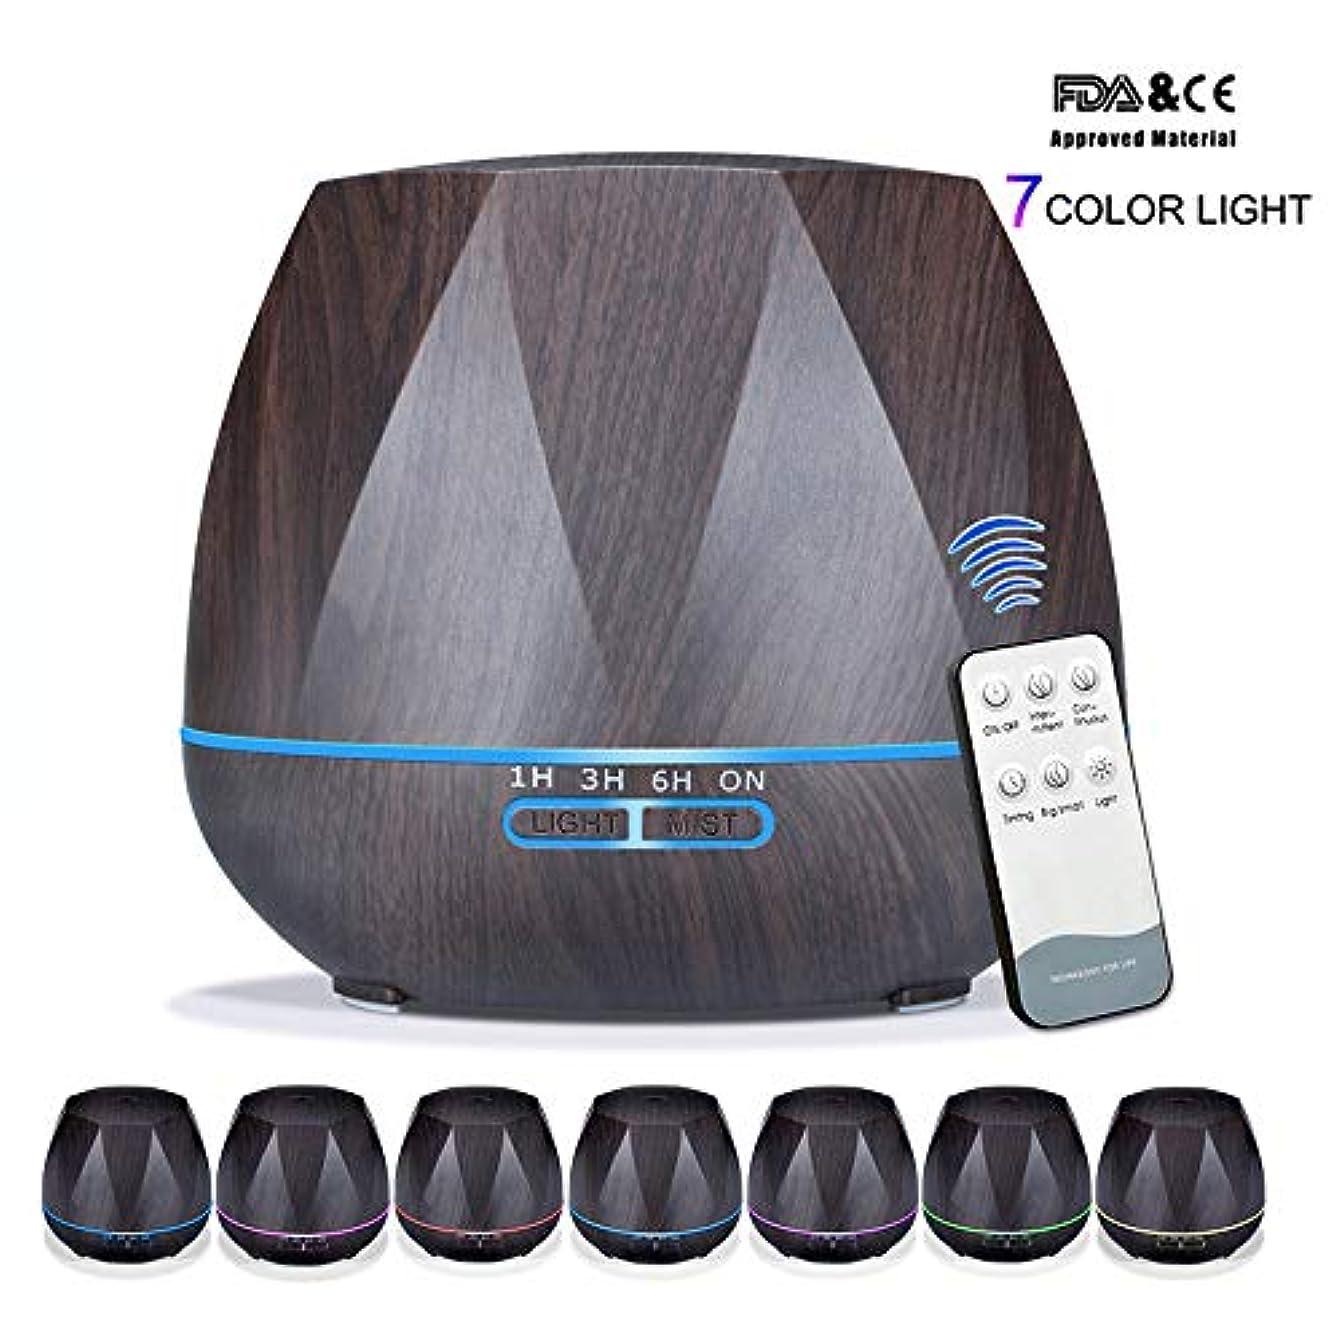 皮肉恐ろしいです画像アロマセラピーエッセンシャルオイルアロマディフューザーリモートコントロール7色LEDライトホームエアアロマディフューザー加湿器550ML,Black,Remote